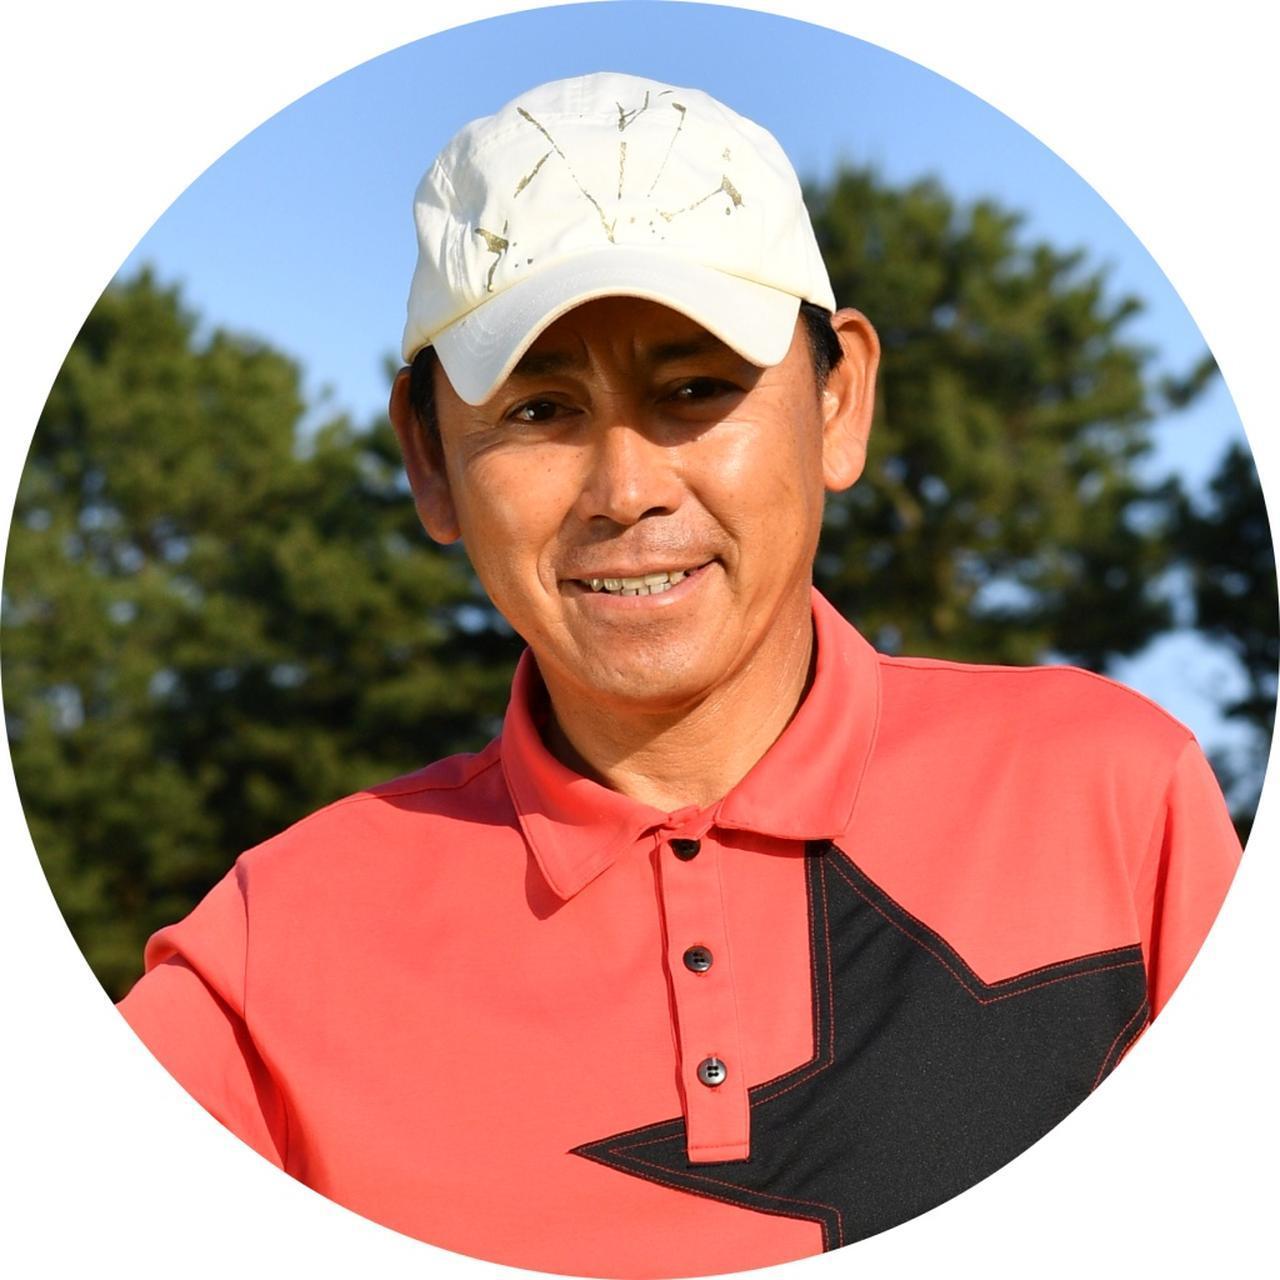 画像: 【解説】芹澤大介プロ せりざわだいすけ。1964年生まれ。東京都出身。現在はシニアツアーで活躍中。ショートゲームの上手さと甘いマスクはいまも健在。成田ヒルズCC所属